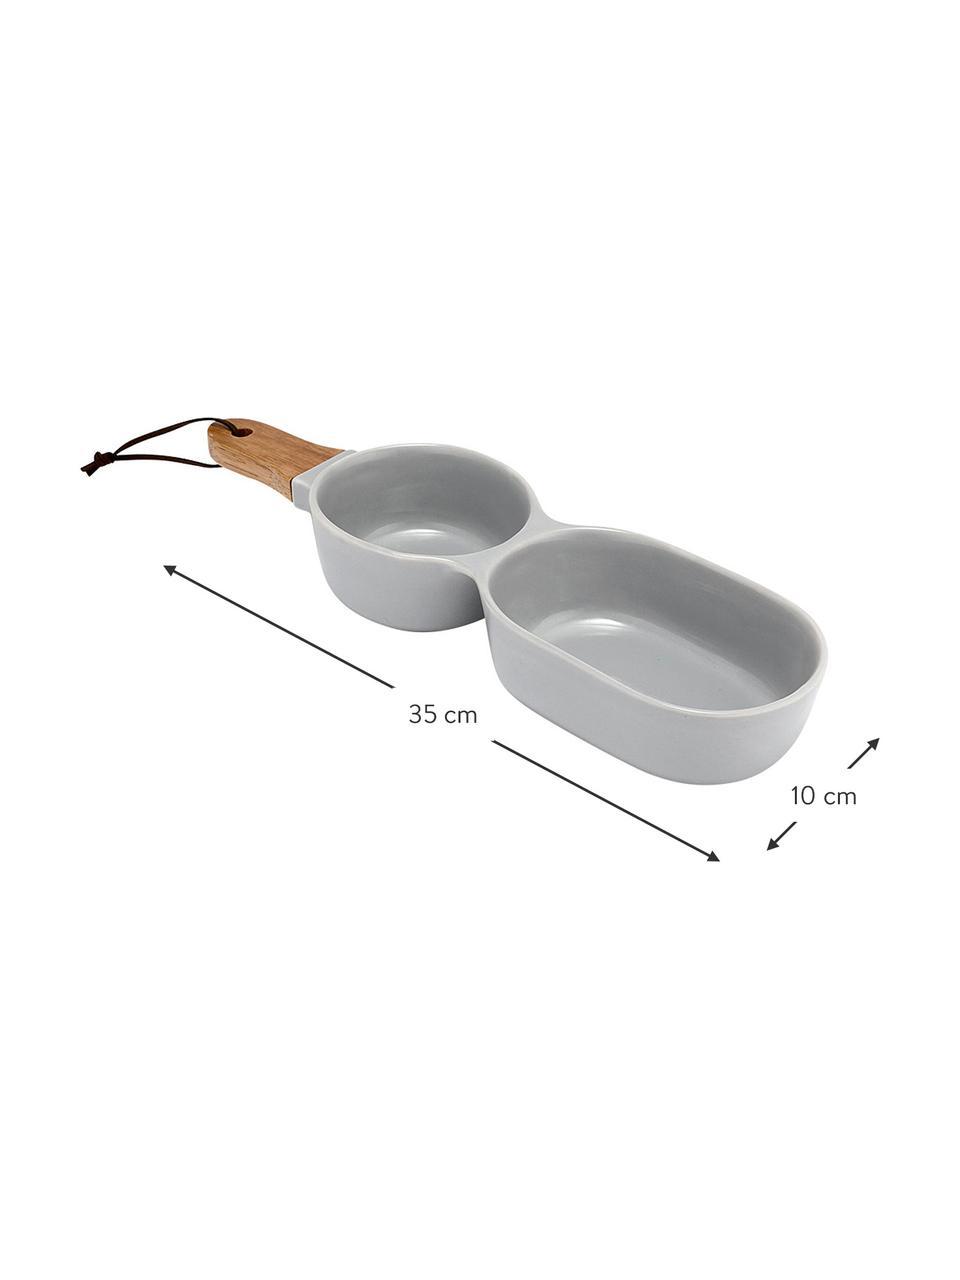 Miska do serwowania z drewnianym uchwytem Classic, Szary, S 35 x G 10 cm